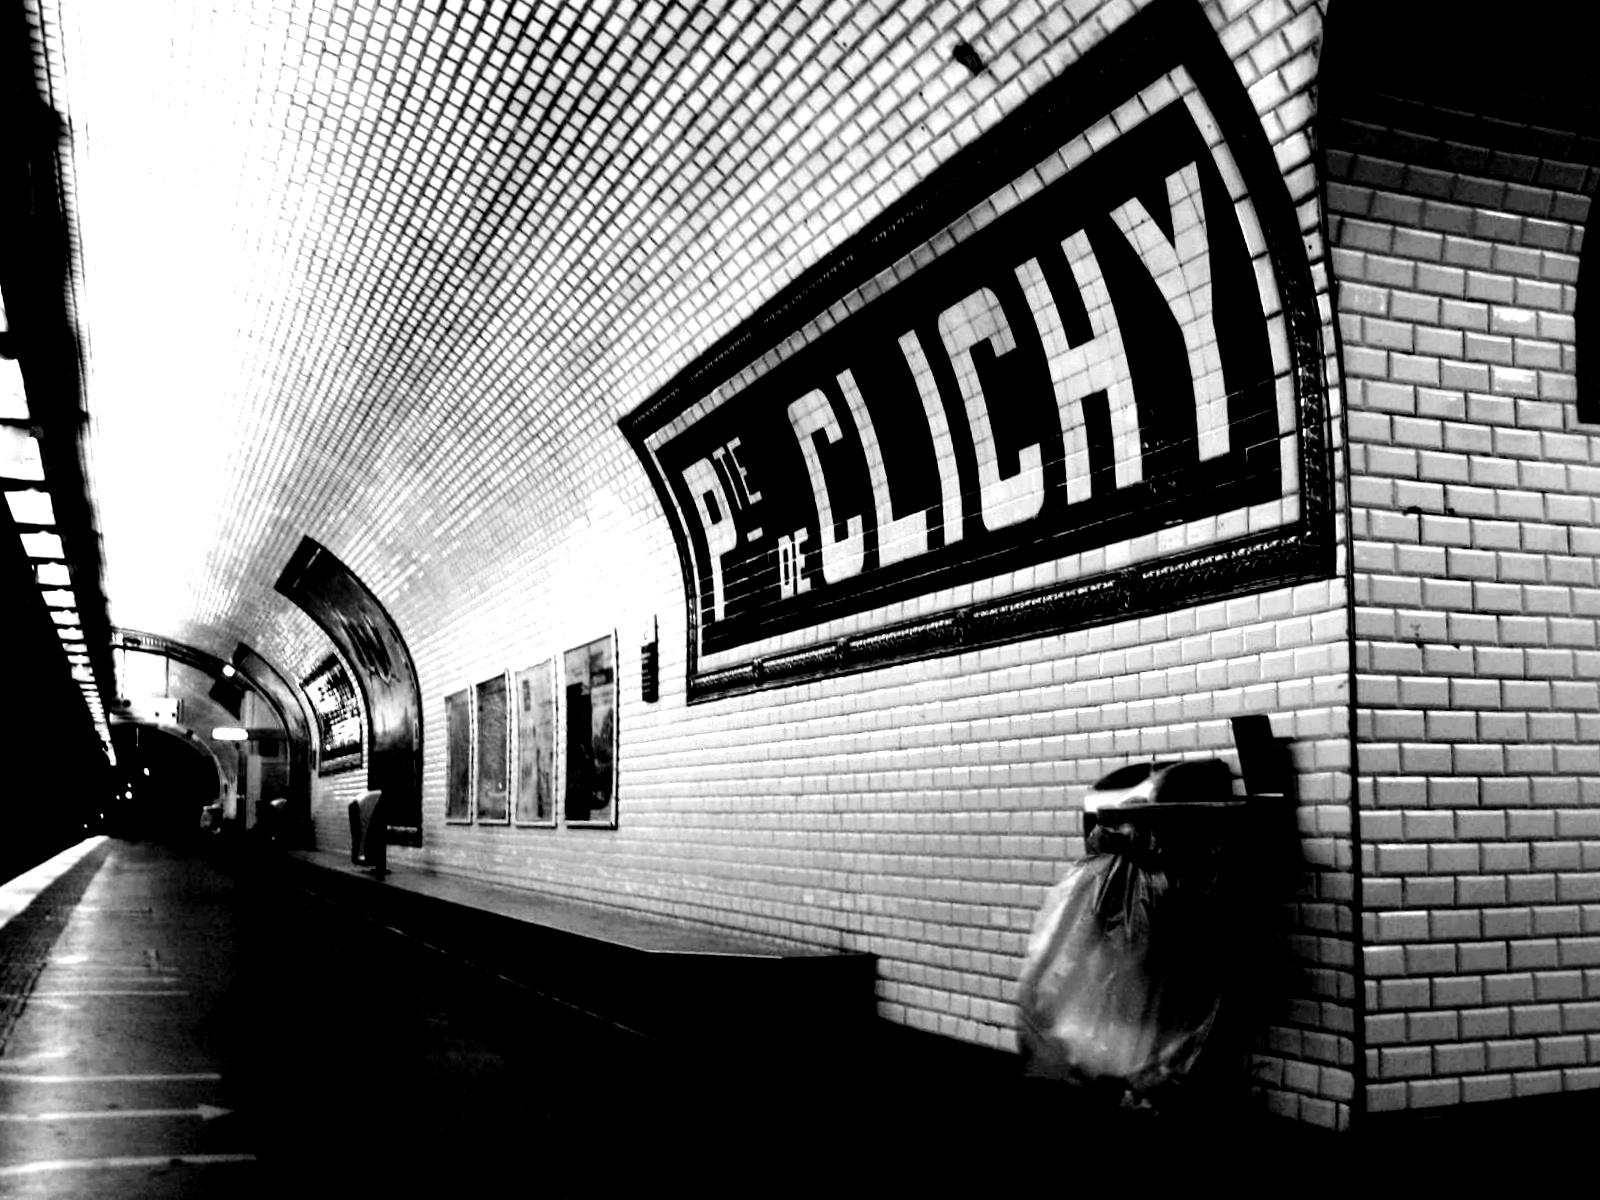 Porte de clichy claire dunharden photographs - Porte de clichy prostitutes ...